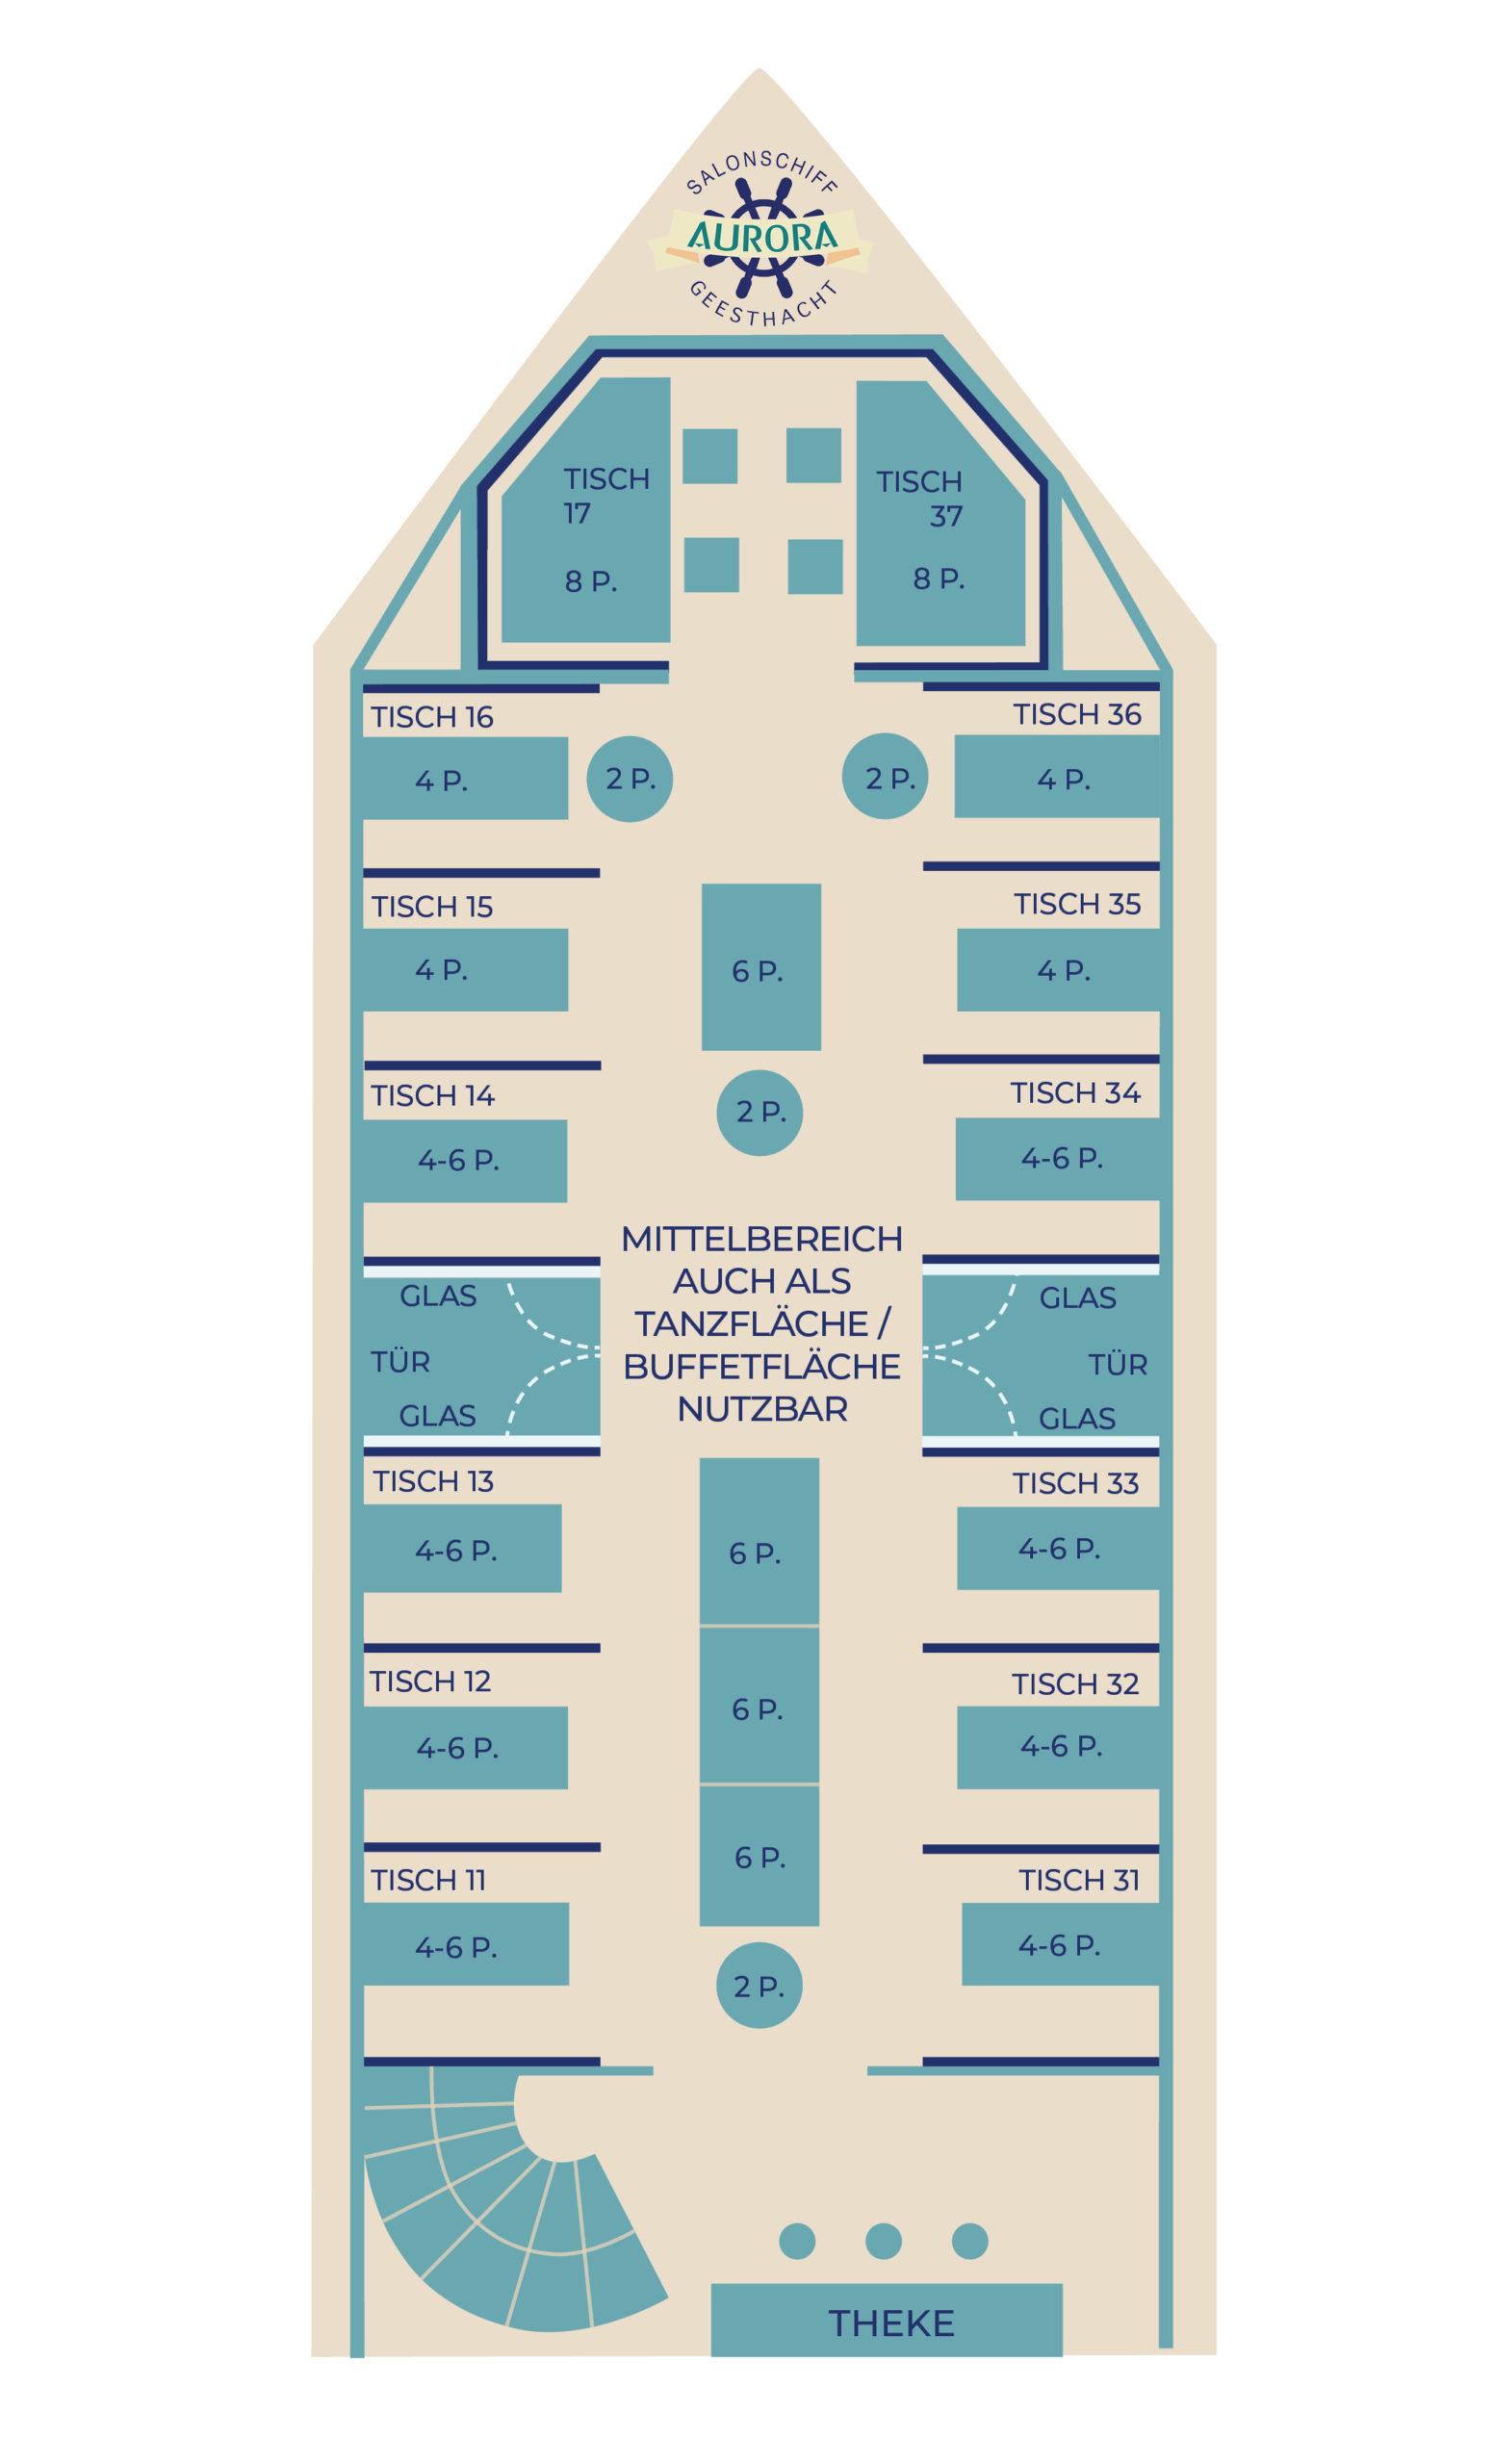 Sitzplätze Unterdeck Salonschiff AURORA Geesthacht